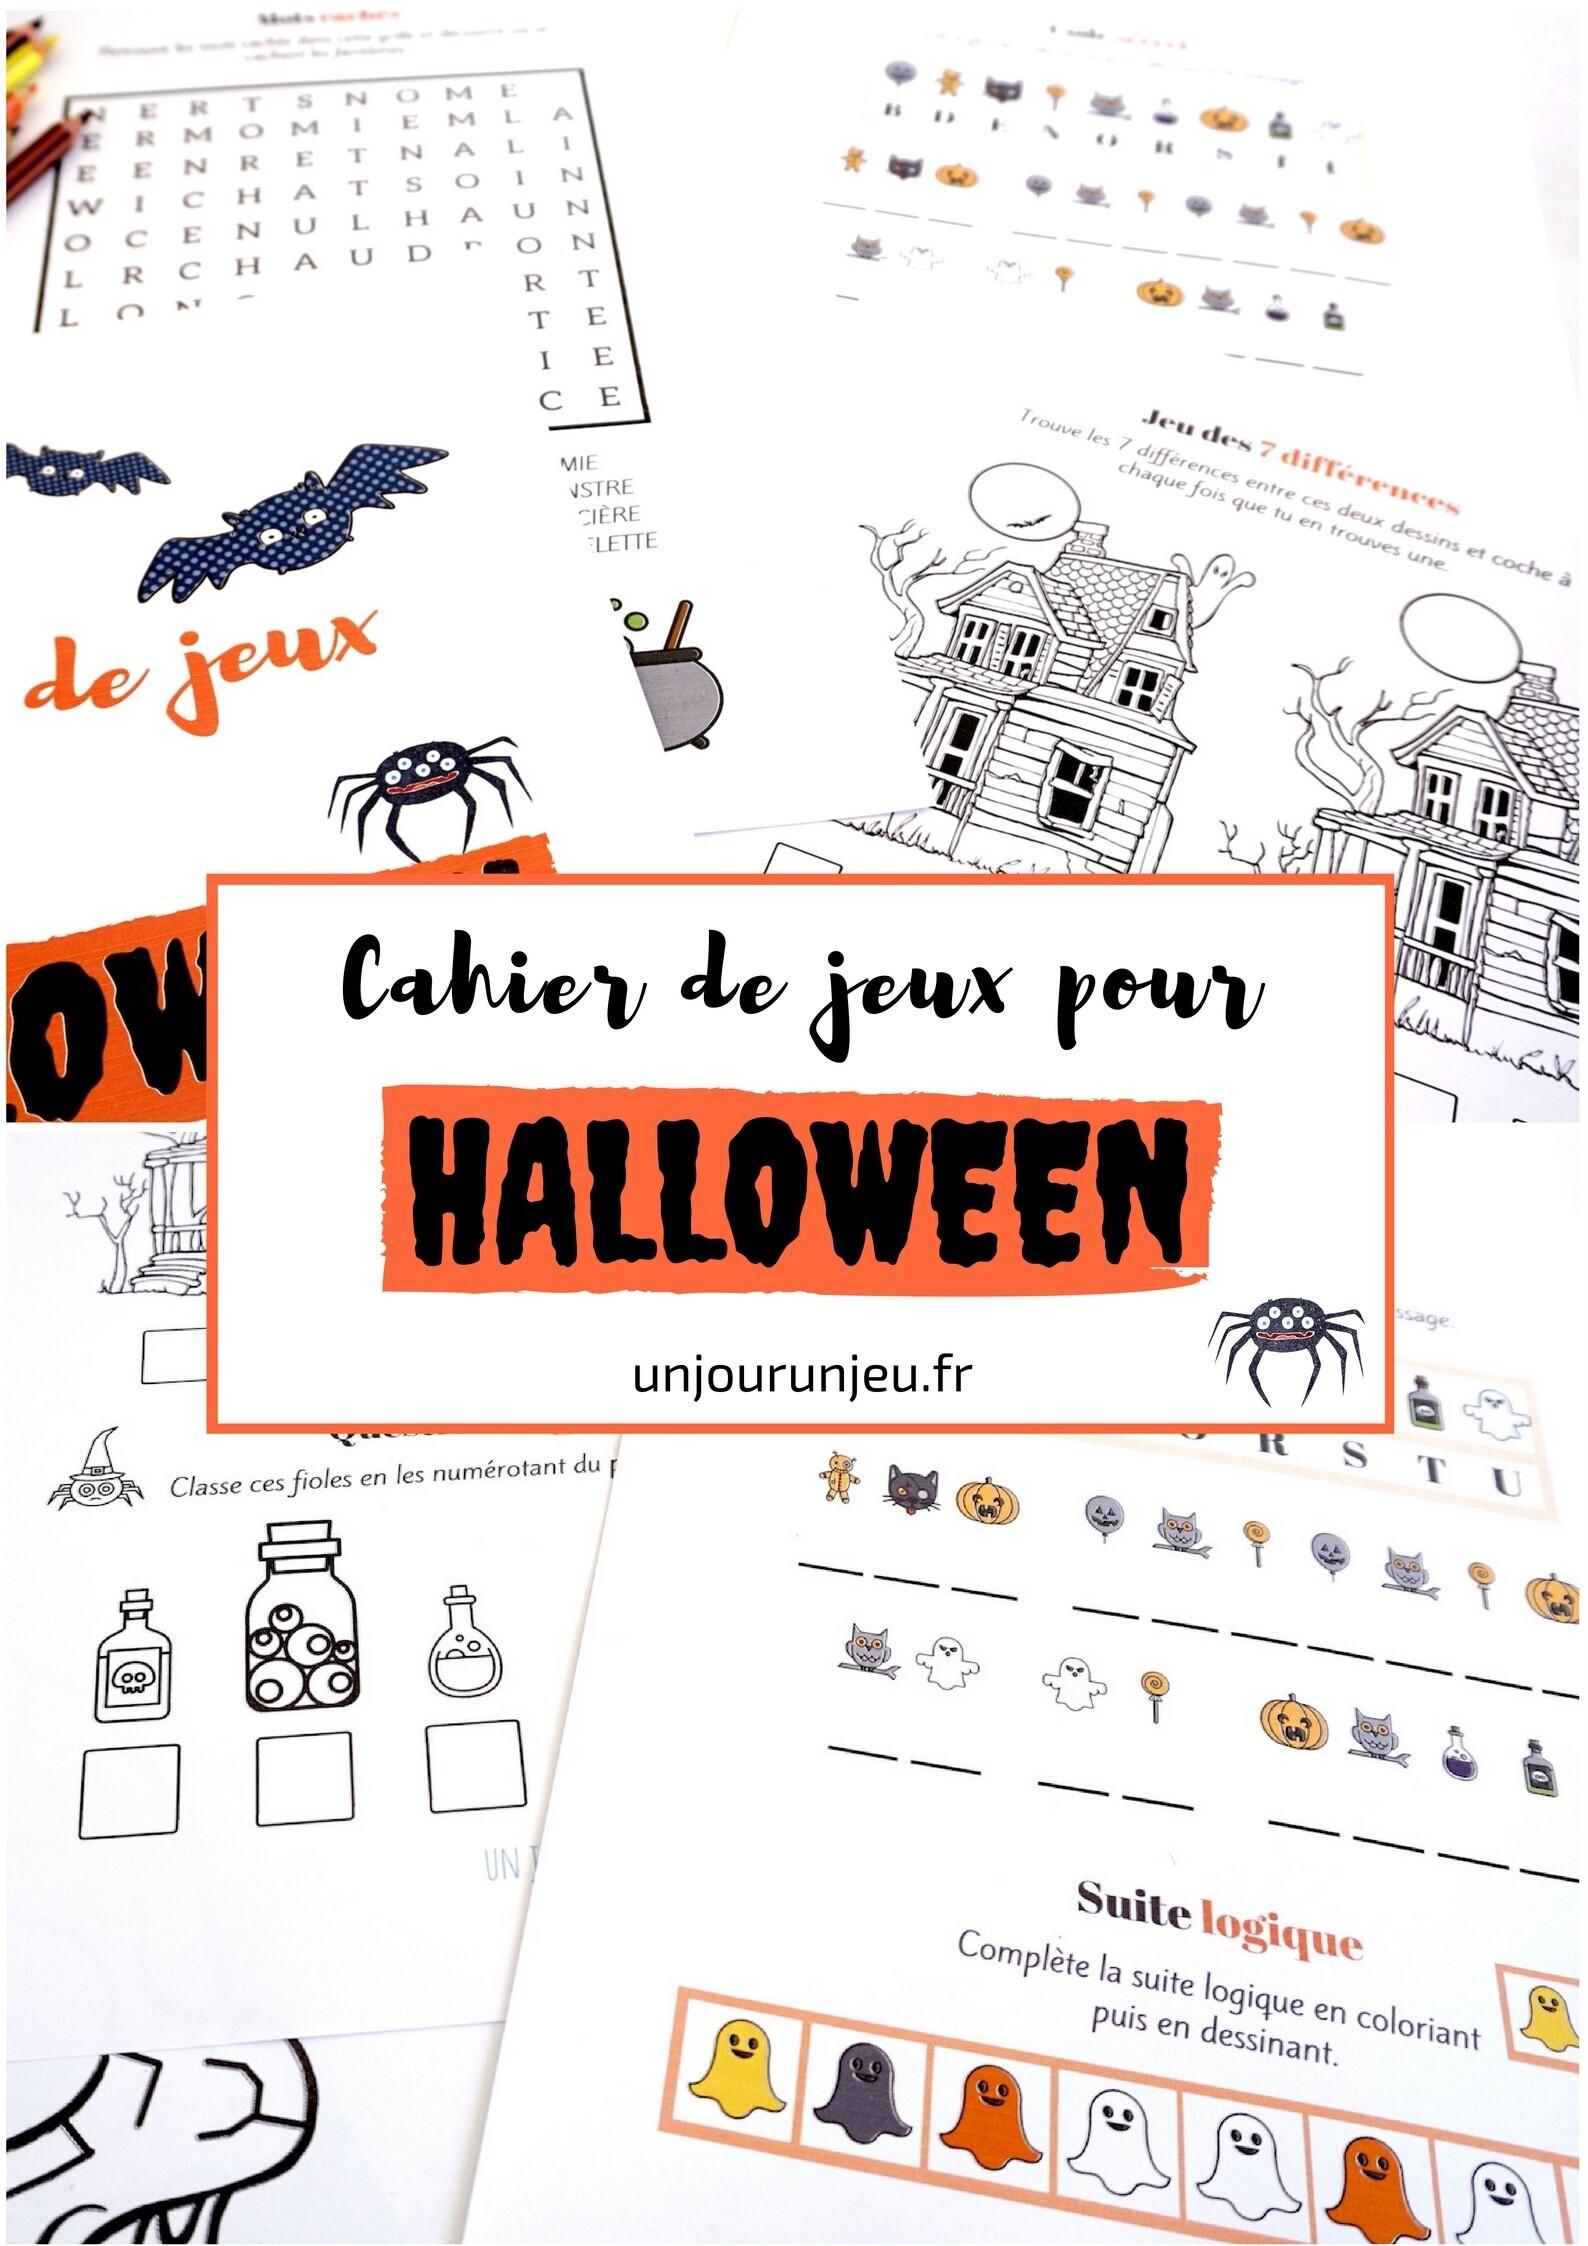 Cahier de jeux pour Halloween